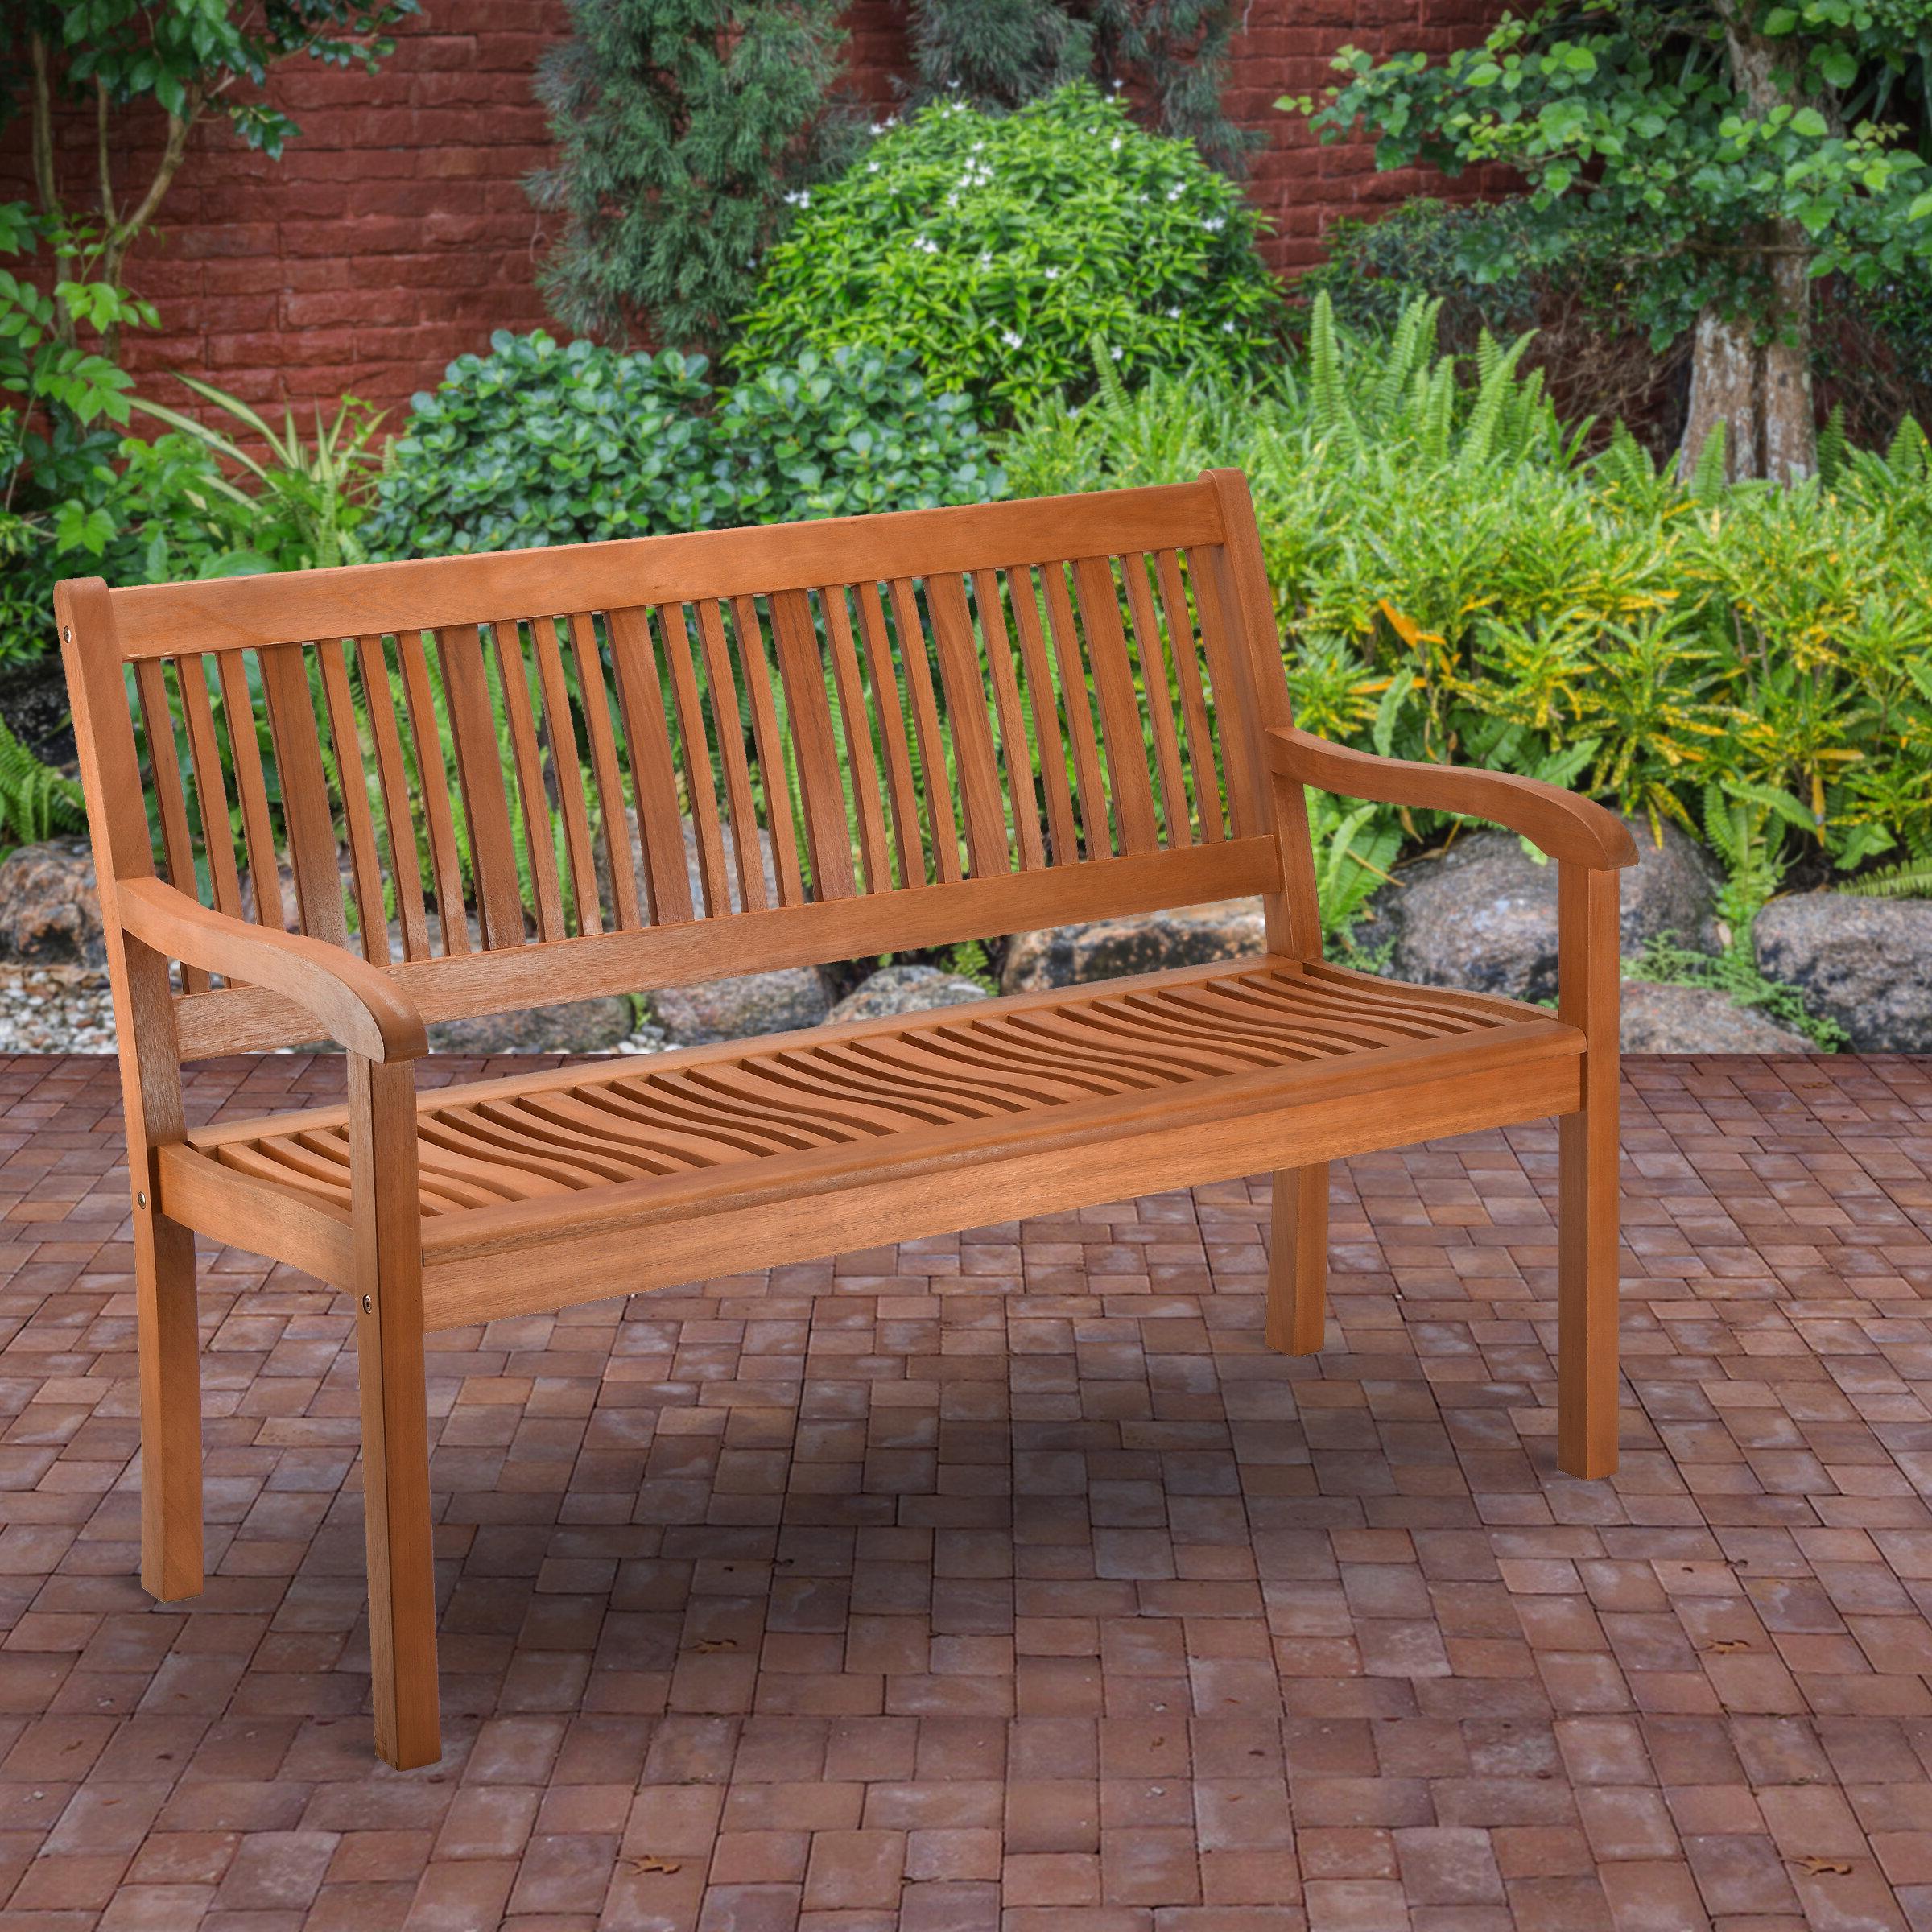 Elsner Acacia Garden Benches Throughout Fashionable Konnor Wooden Garden Bench (View 18 of 30)